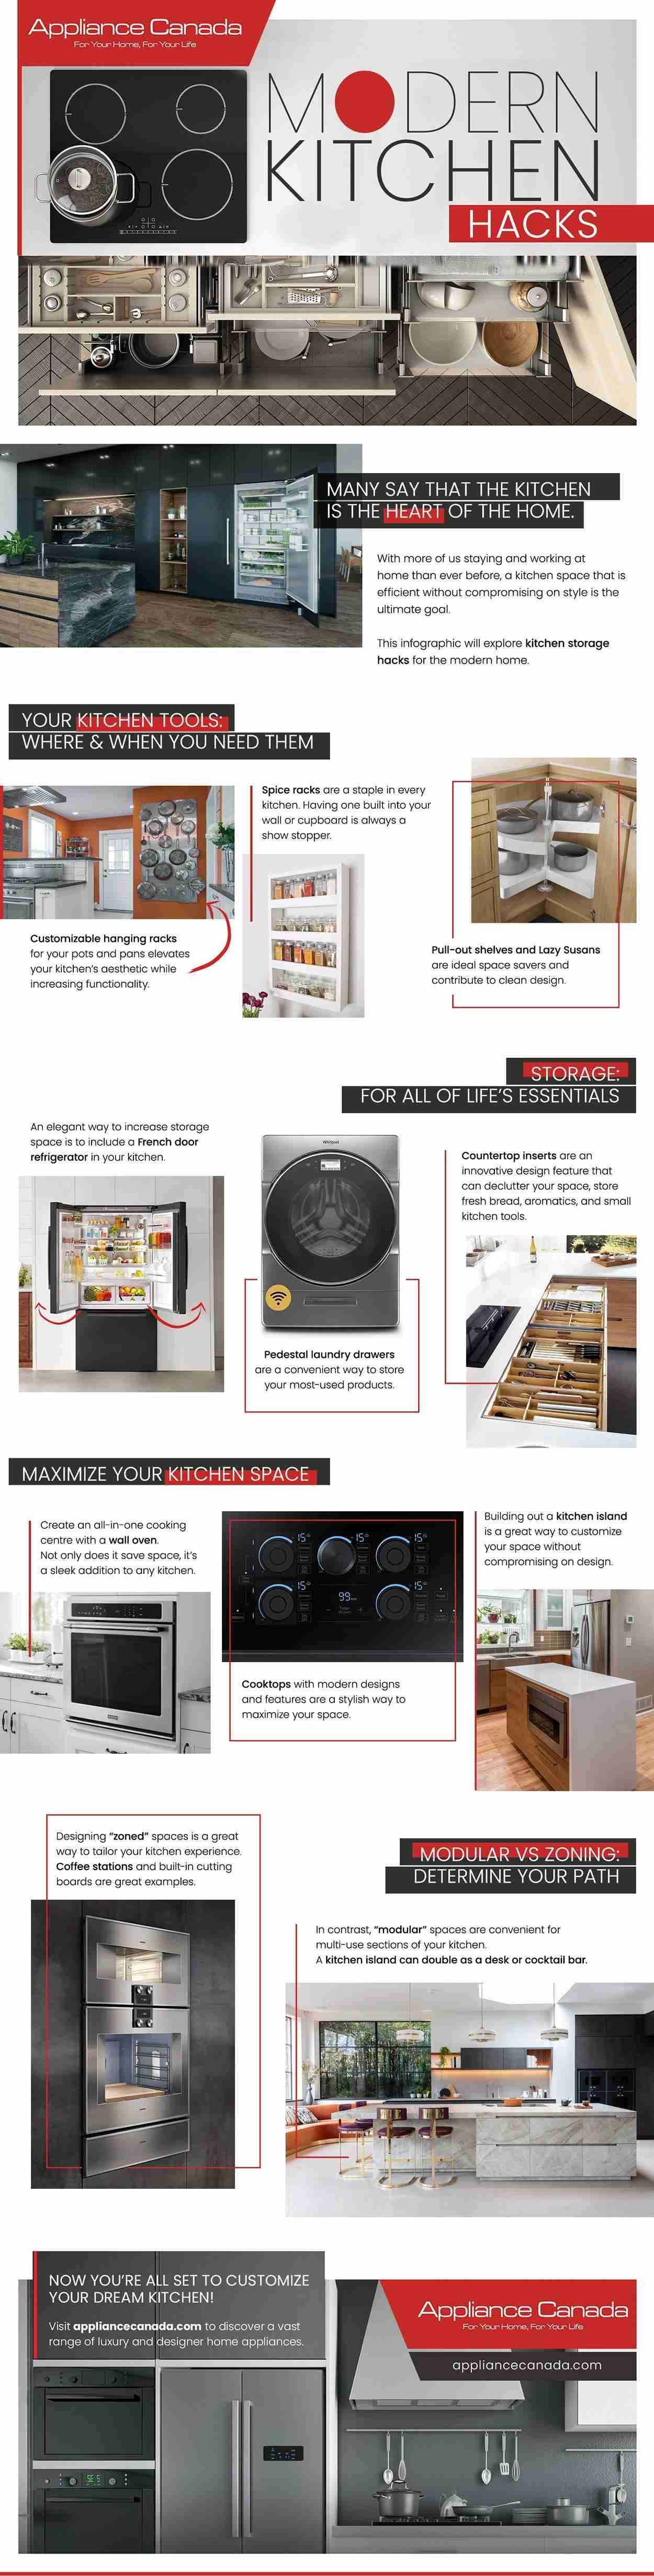 Modern Kitchen Hacks (Infographic)